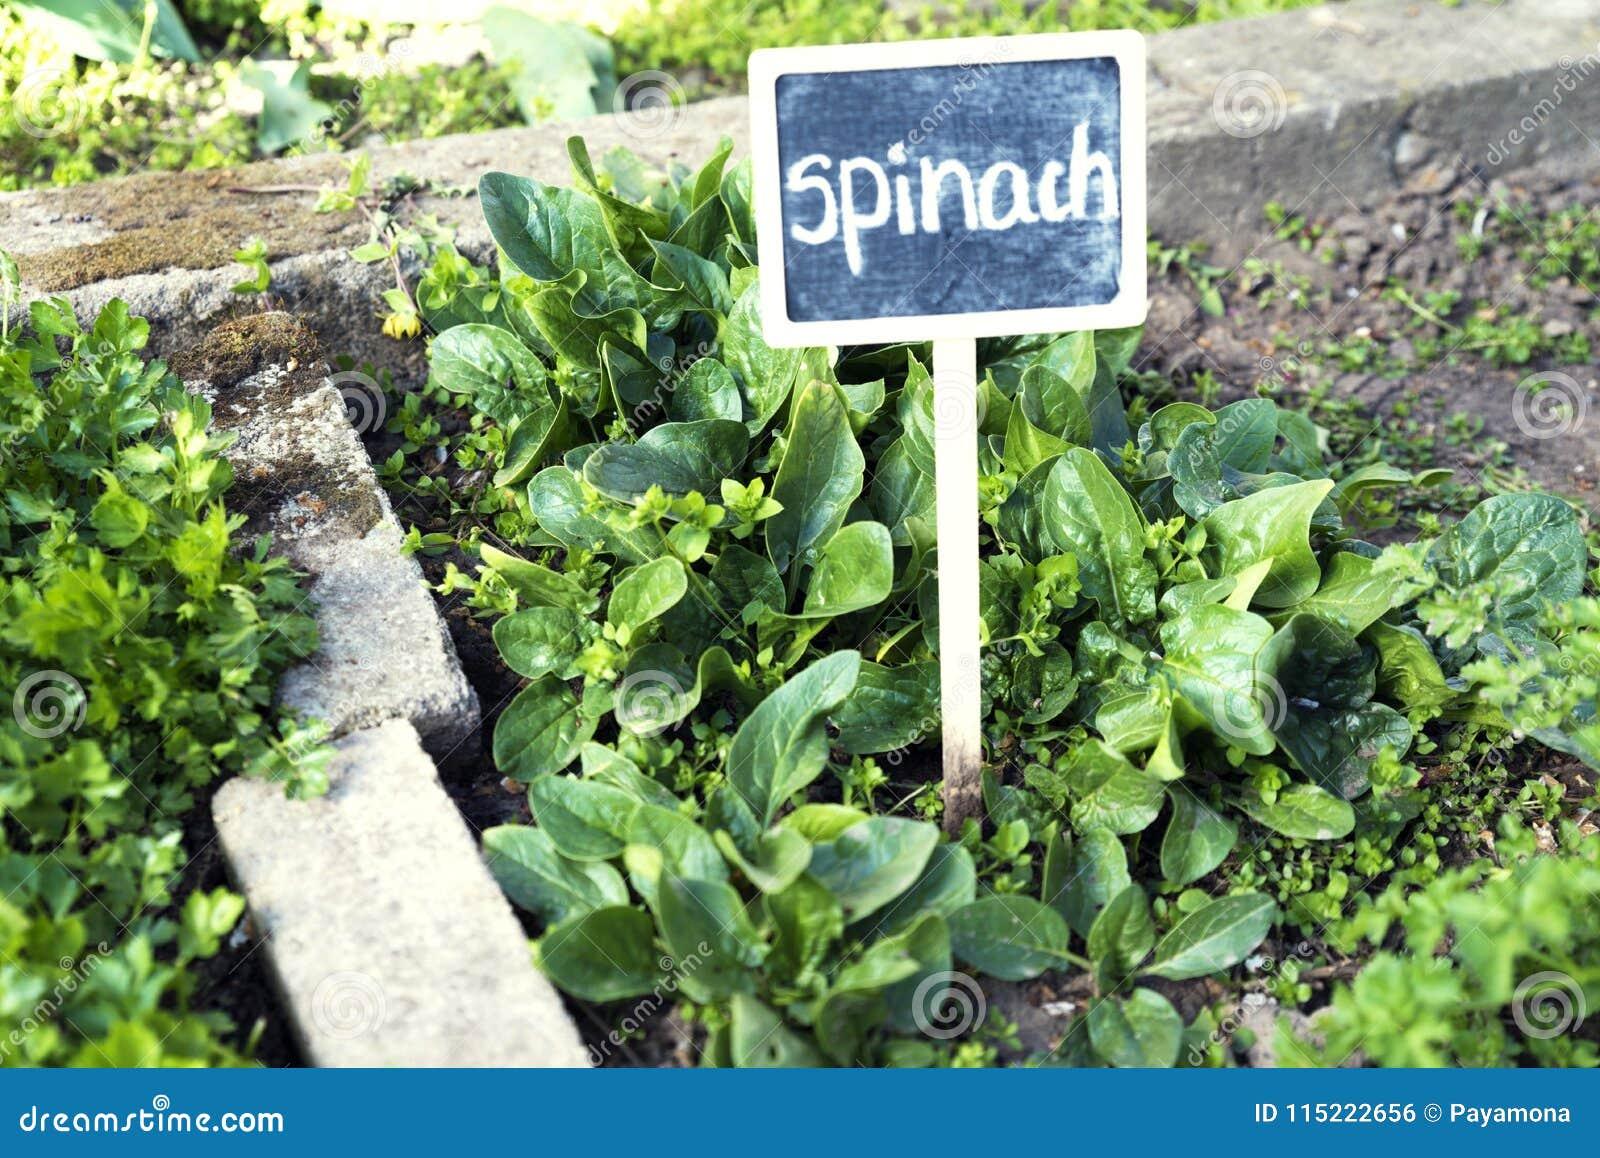 Mest Voor Tuin : Spinazie in een tuin met uithangbord stock foto afbeelding